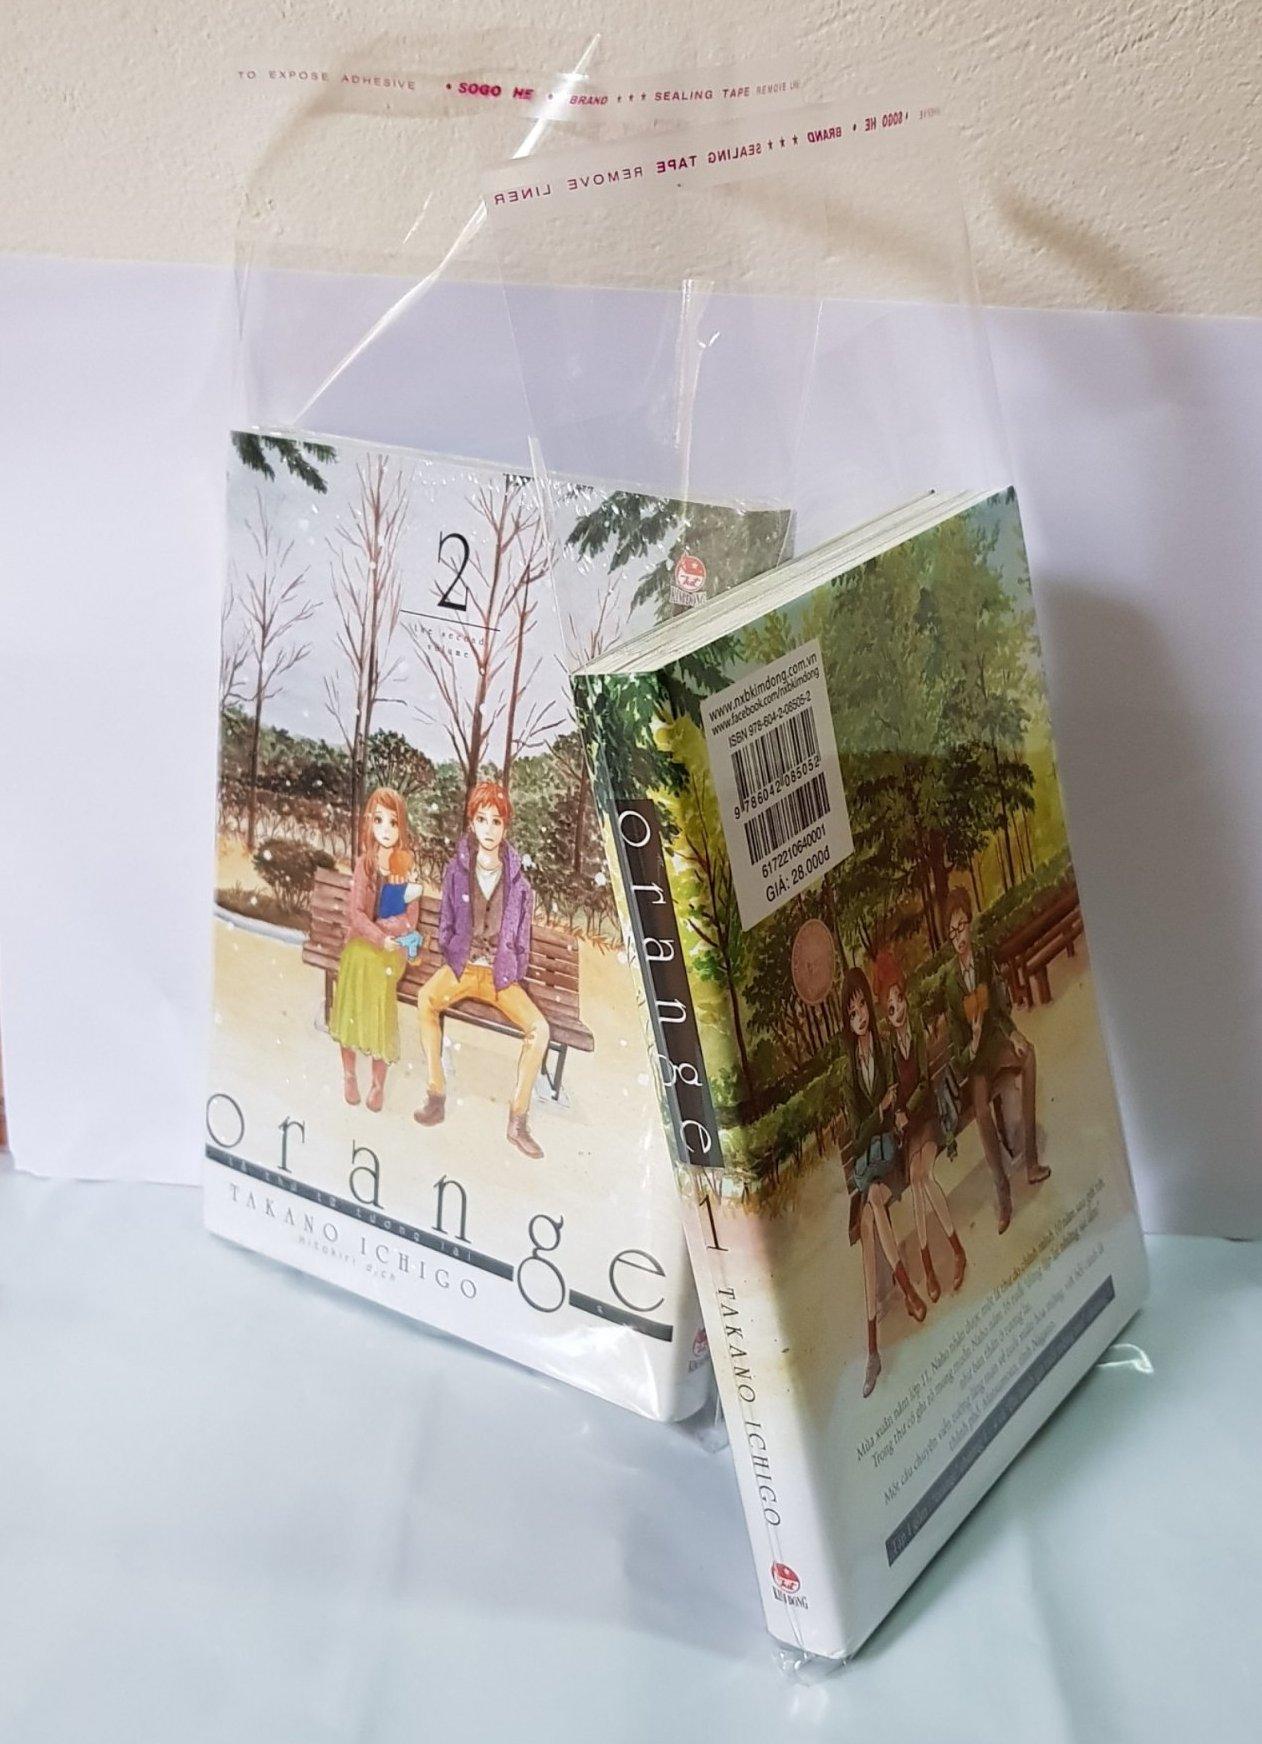 Mua Bọc túi bảo quản sách truyện (kích cỡ túi: 15x22cm) mã sp TP3